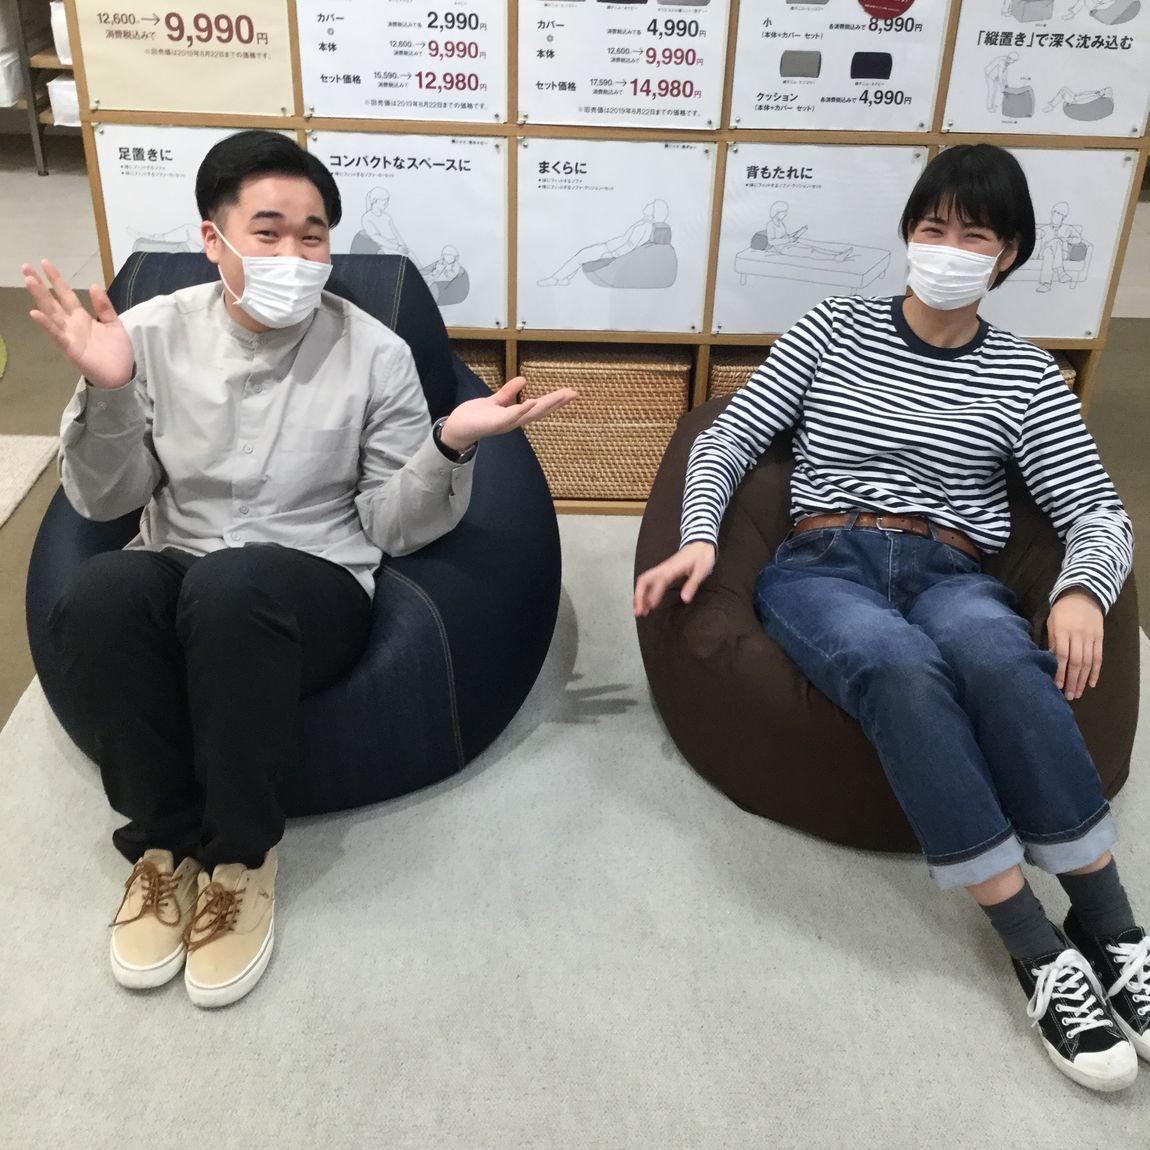 【サントムーン柿田川】ネットストア情報